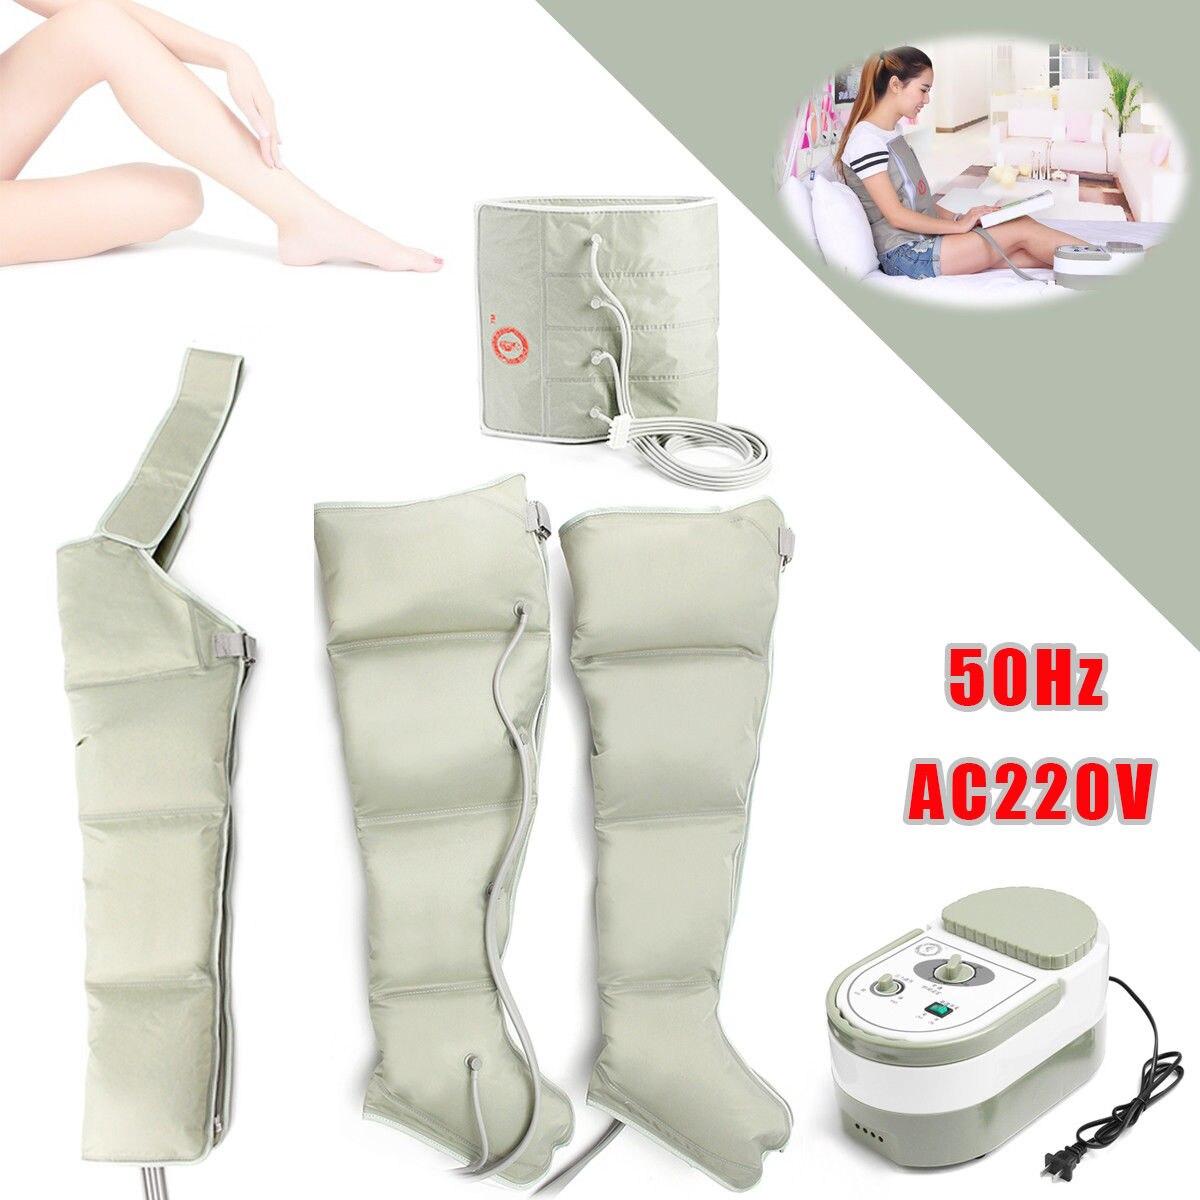 SME di Aria Elettrica Cerchio di Compressione Massager Circolazione Massaggio di Pressione del Piedino del braccio Del Polsino anziani pneumatico di pressione d'aria onda